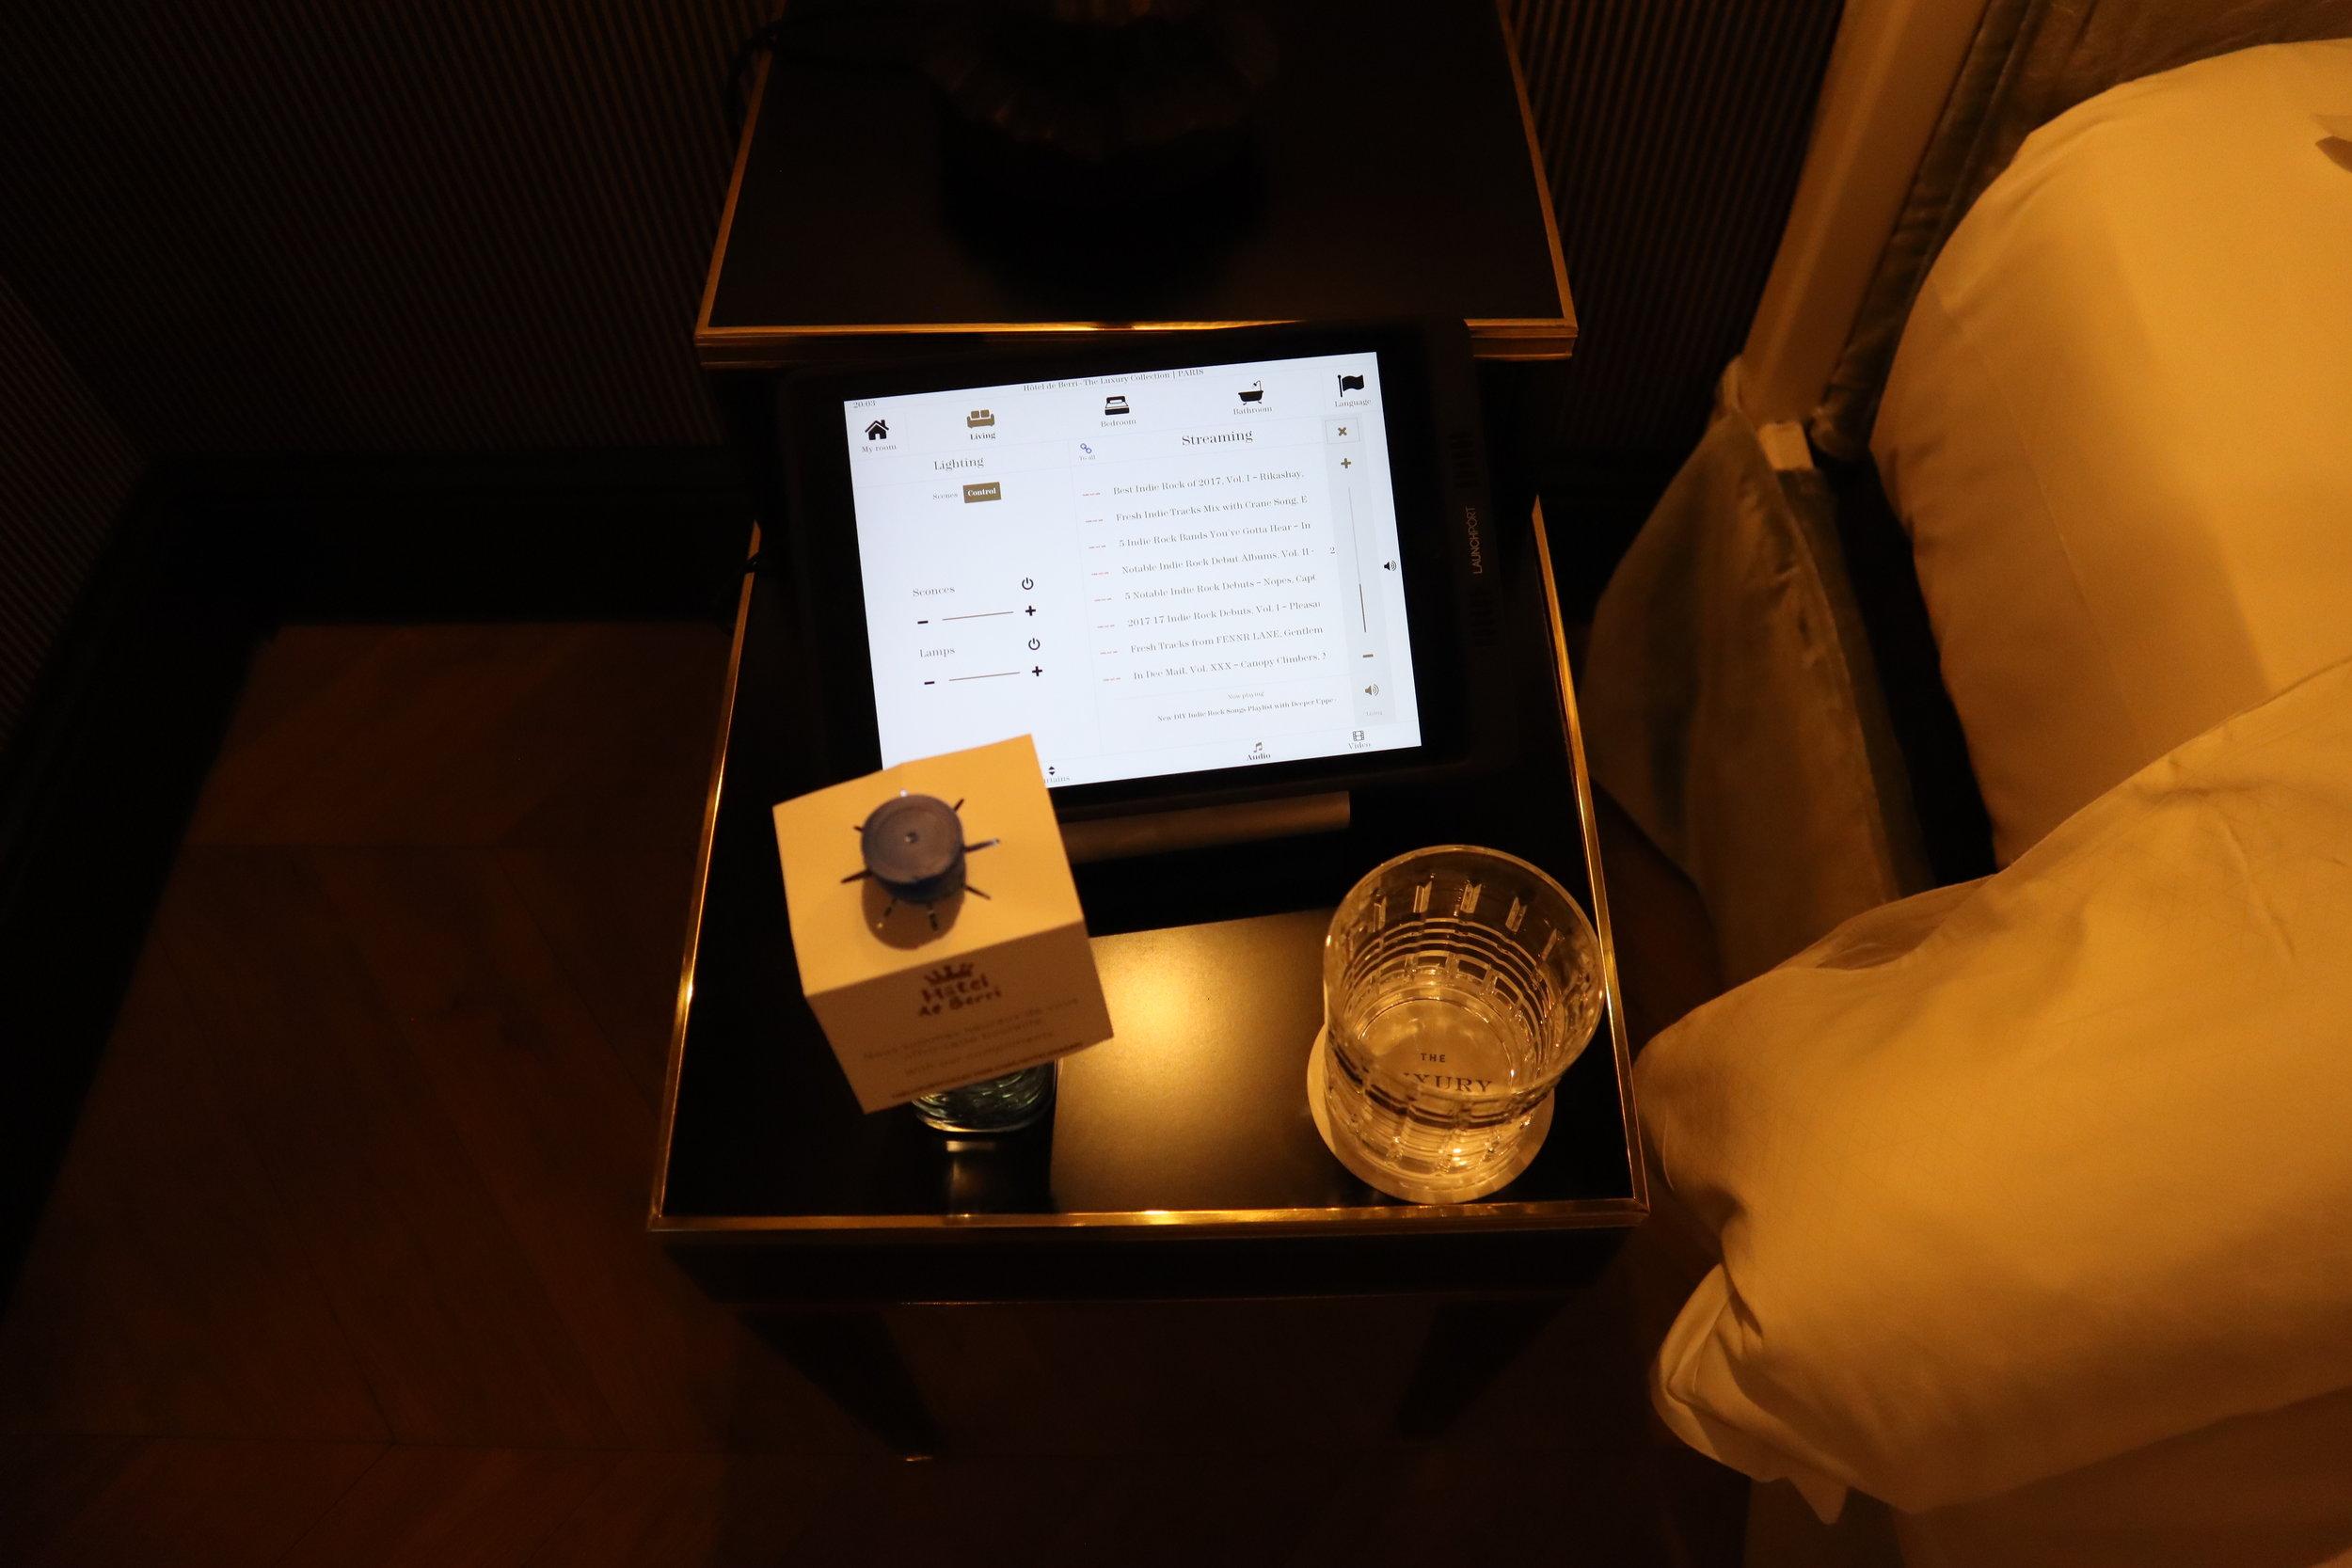 Hôtel de Berri Paris – Tablet controls